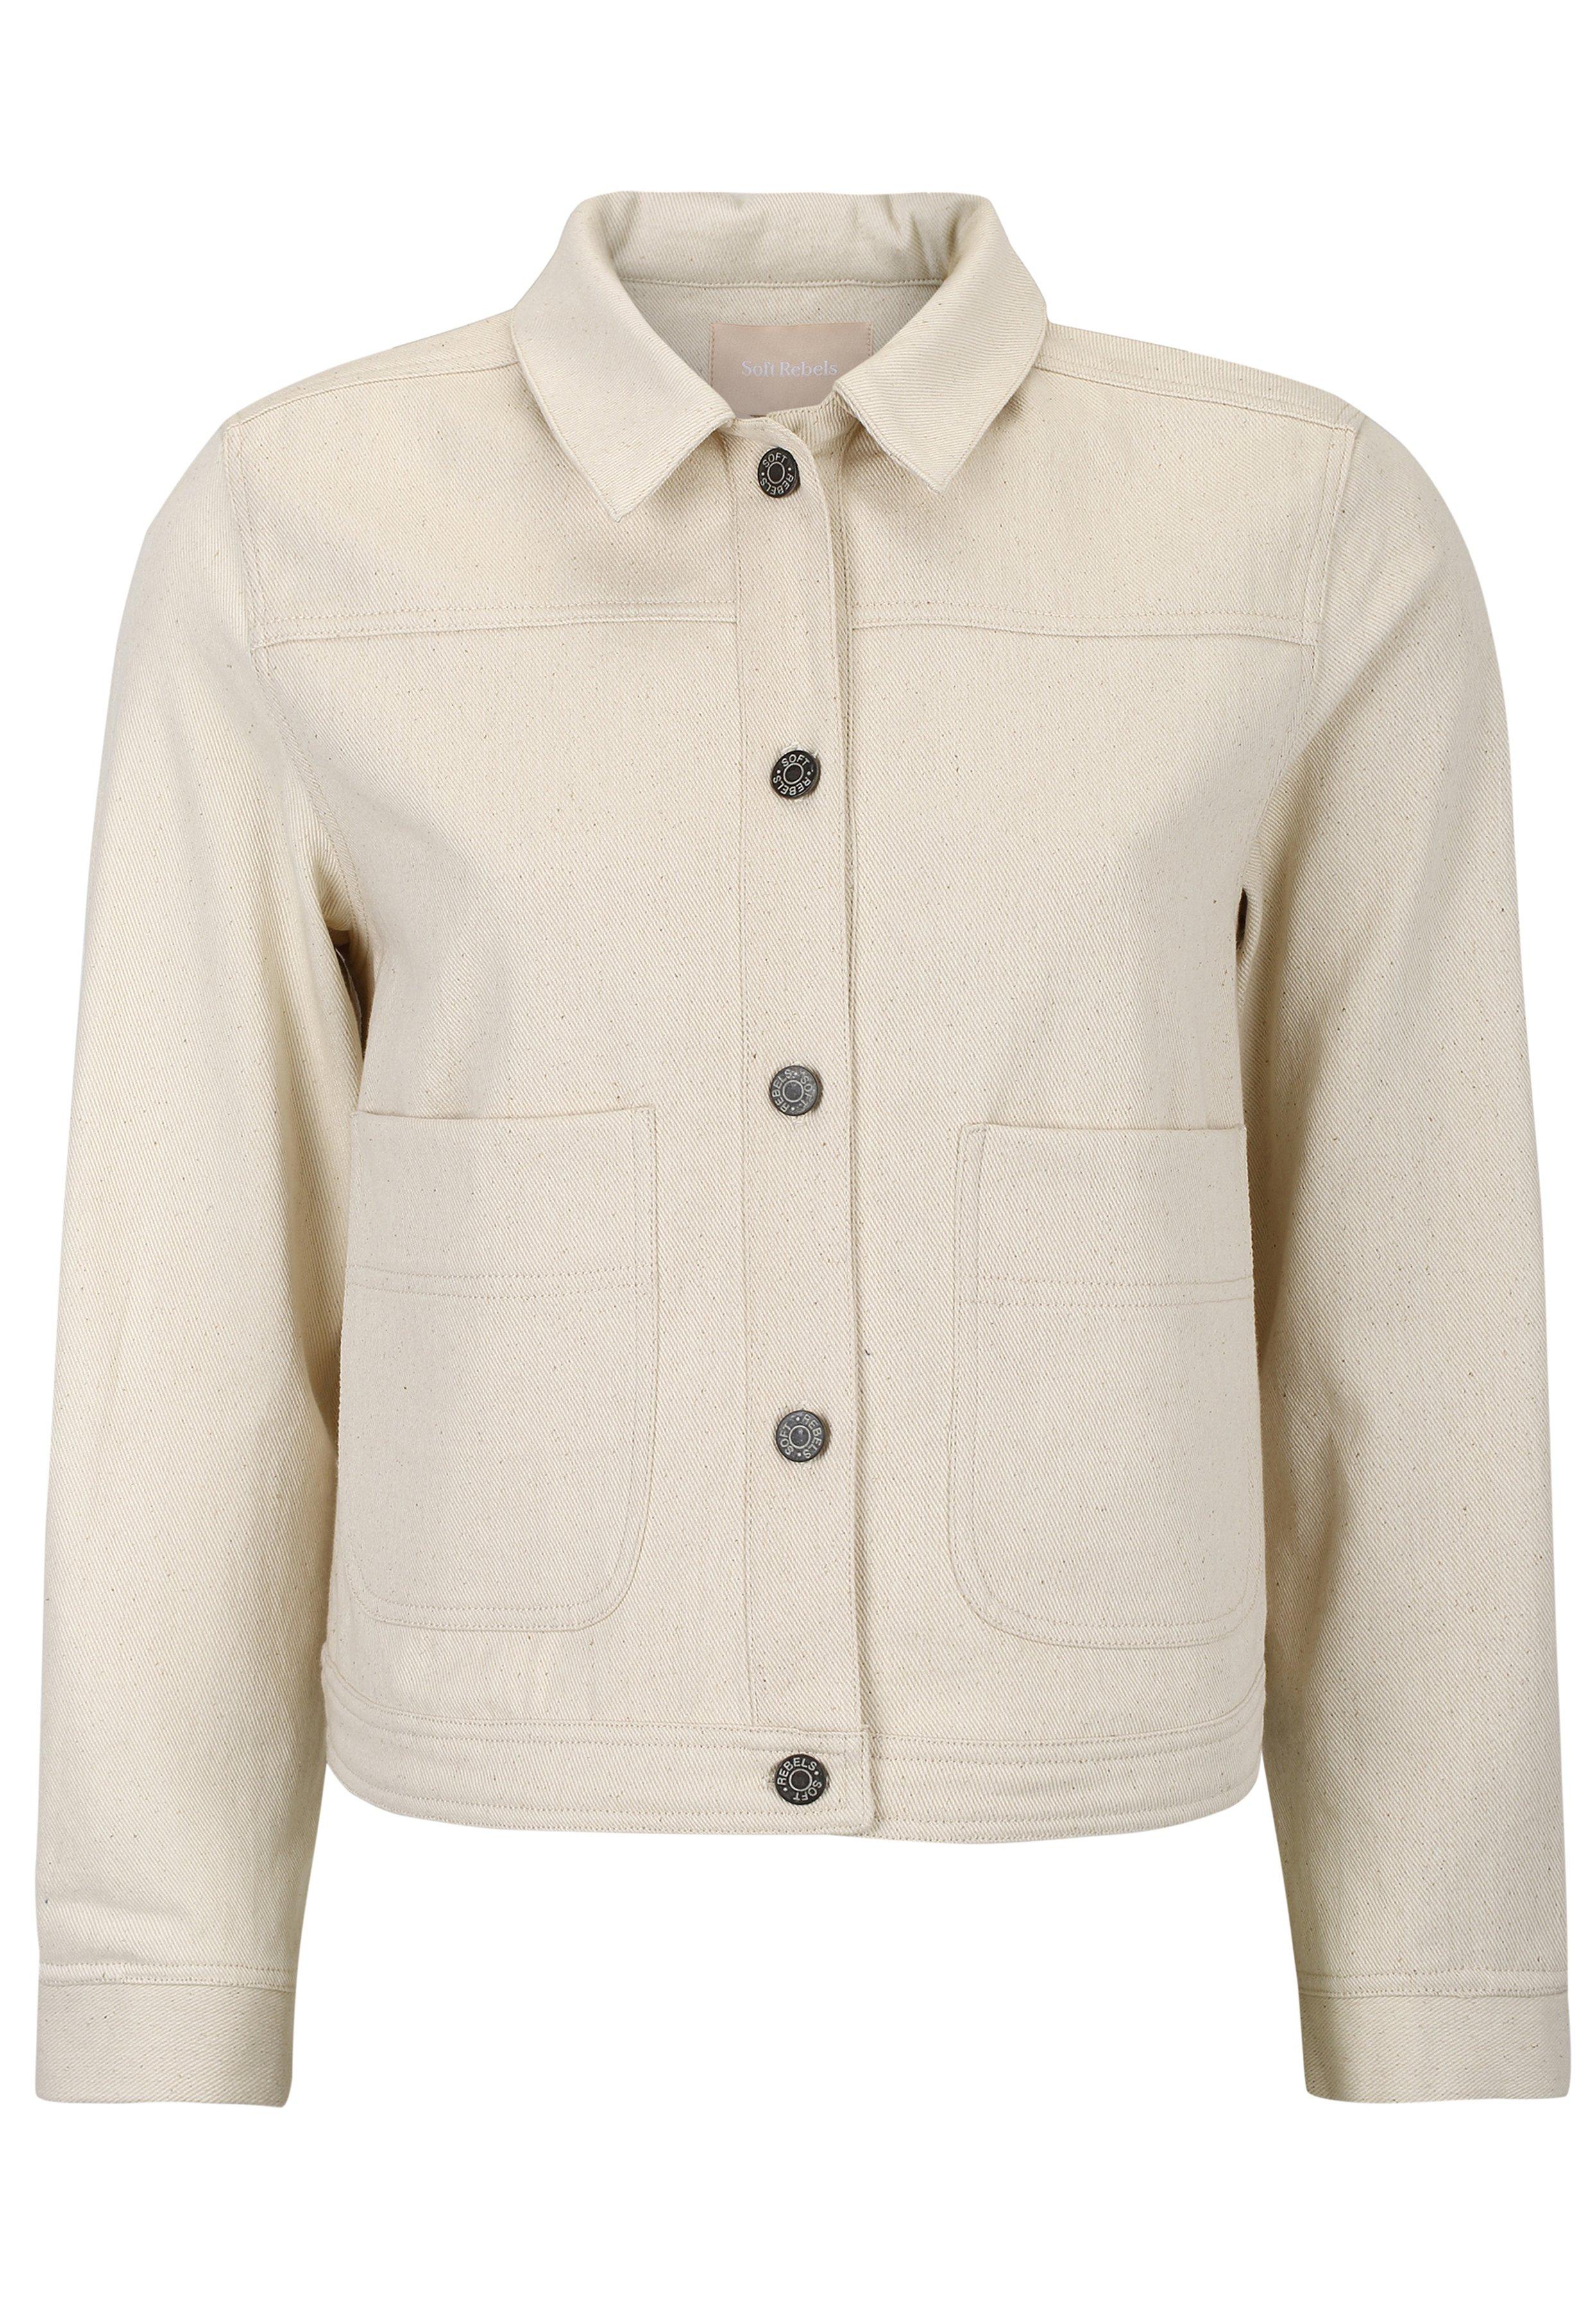 Witte Dames jassen online kopen | Gratis verzending | ZALANDO